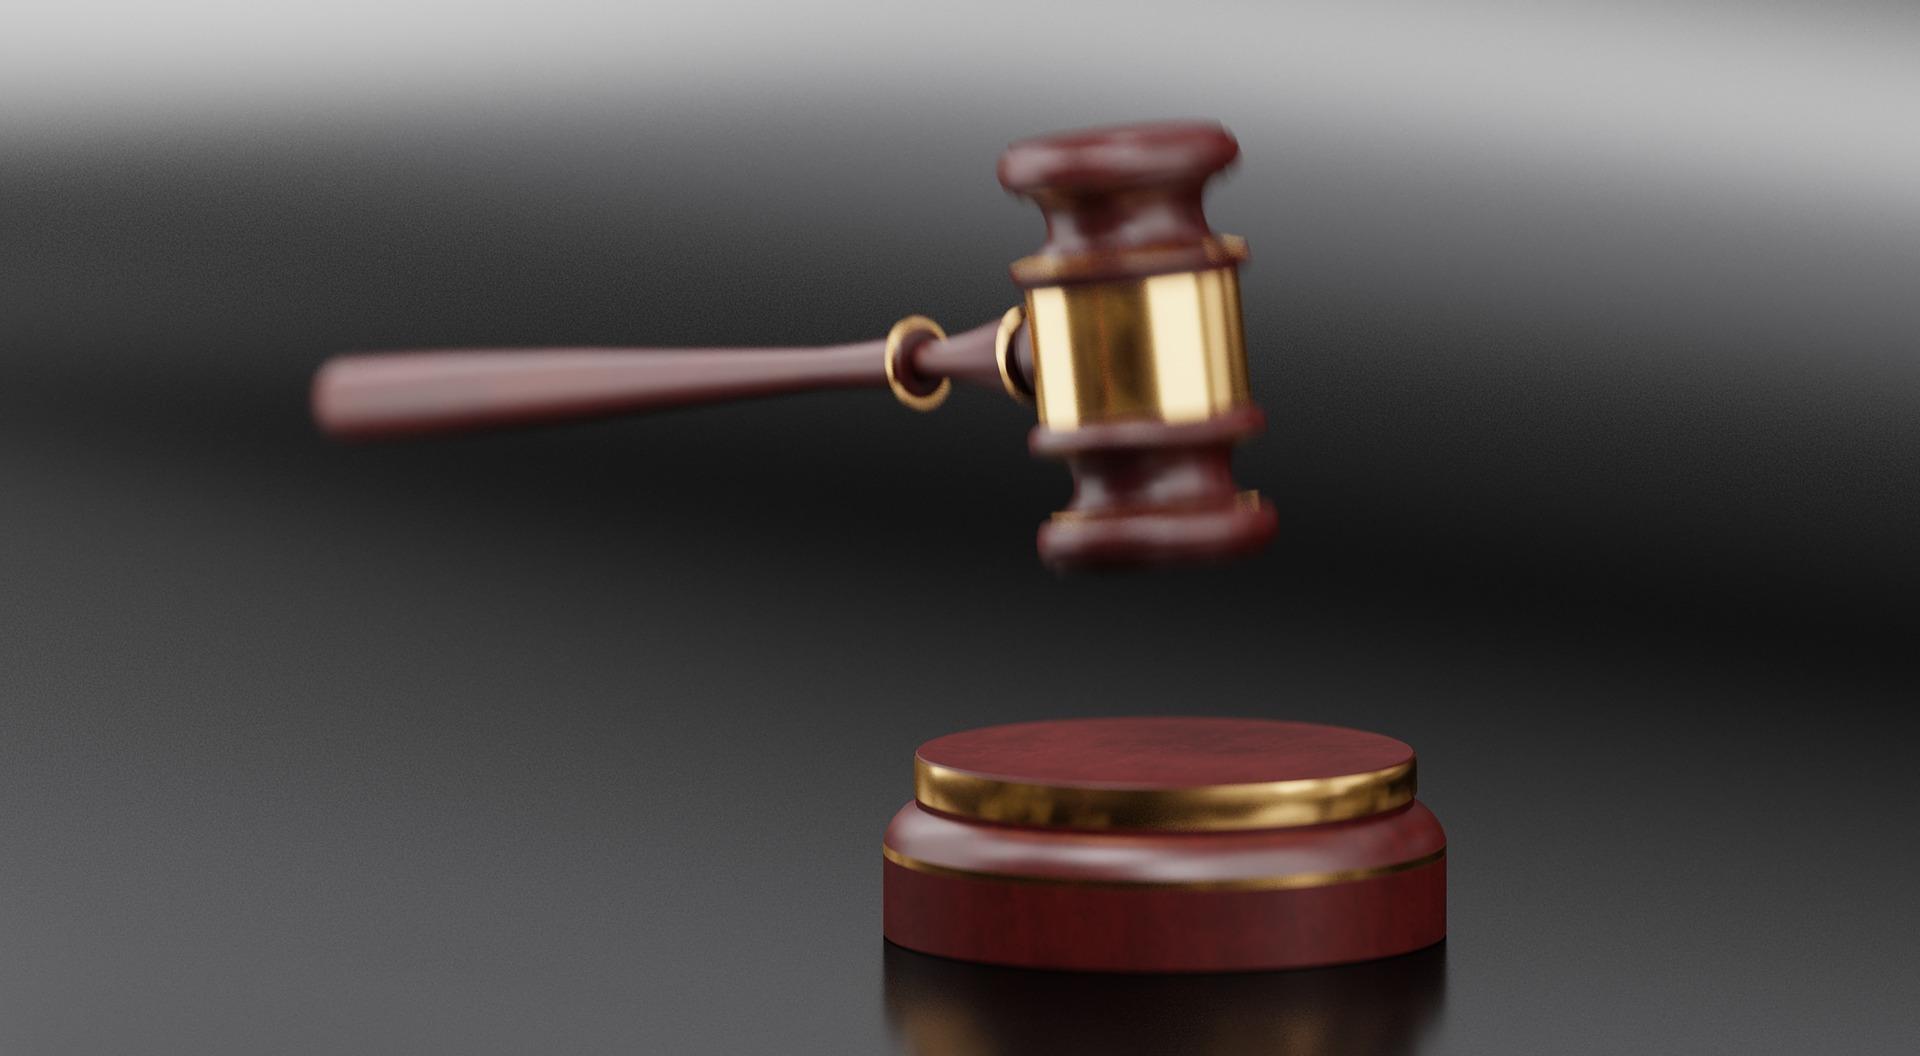 Co kobiety z 1953 rocznika zyskały na Wyroku Trybunału Konstytucyjnego?